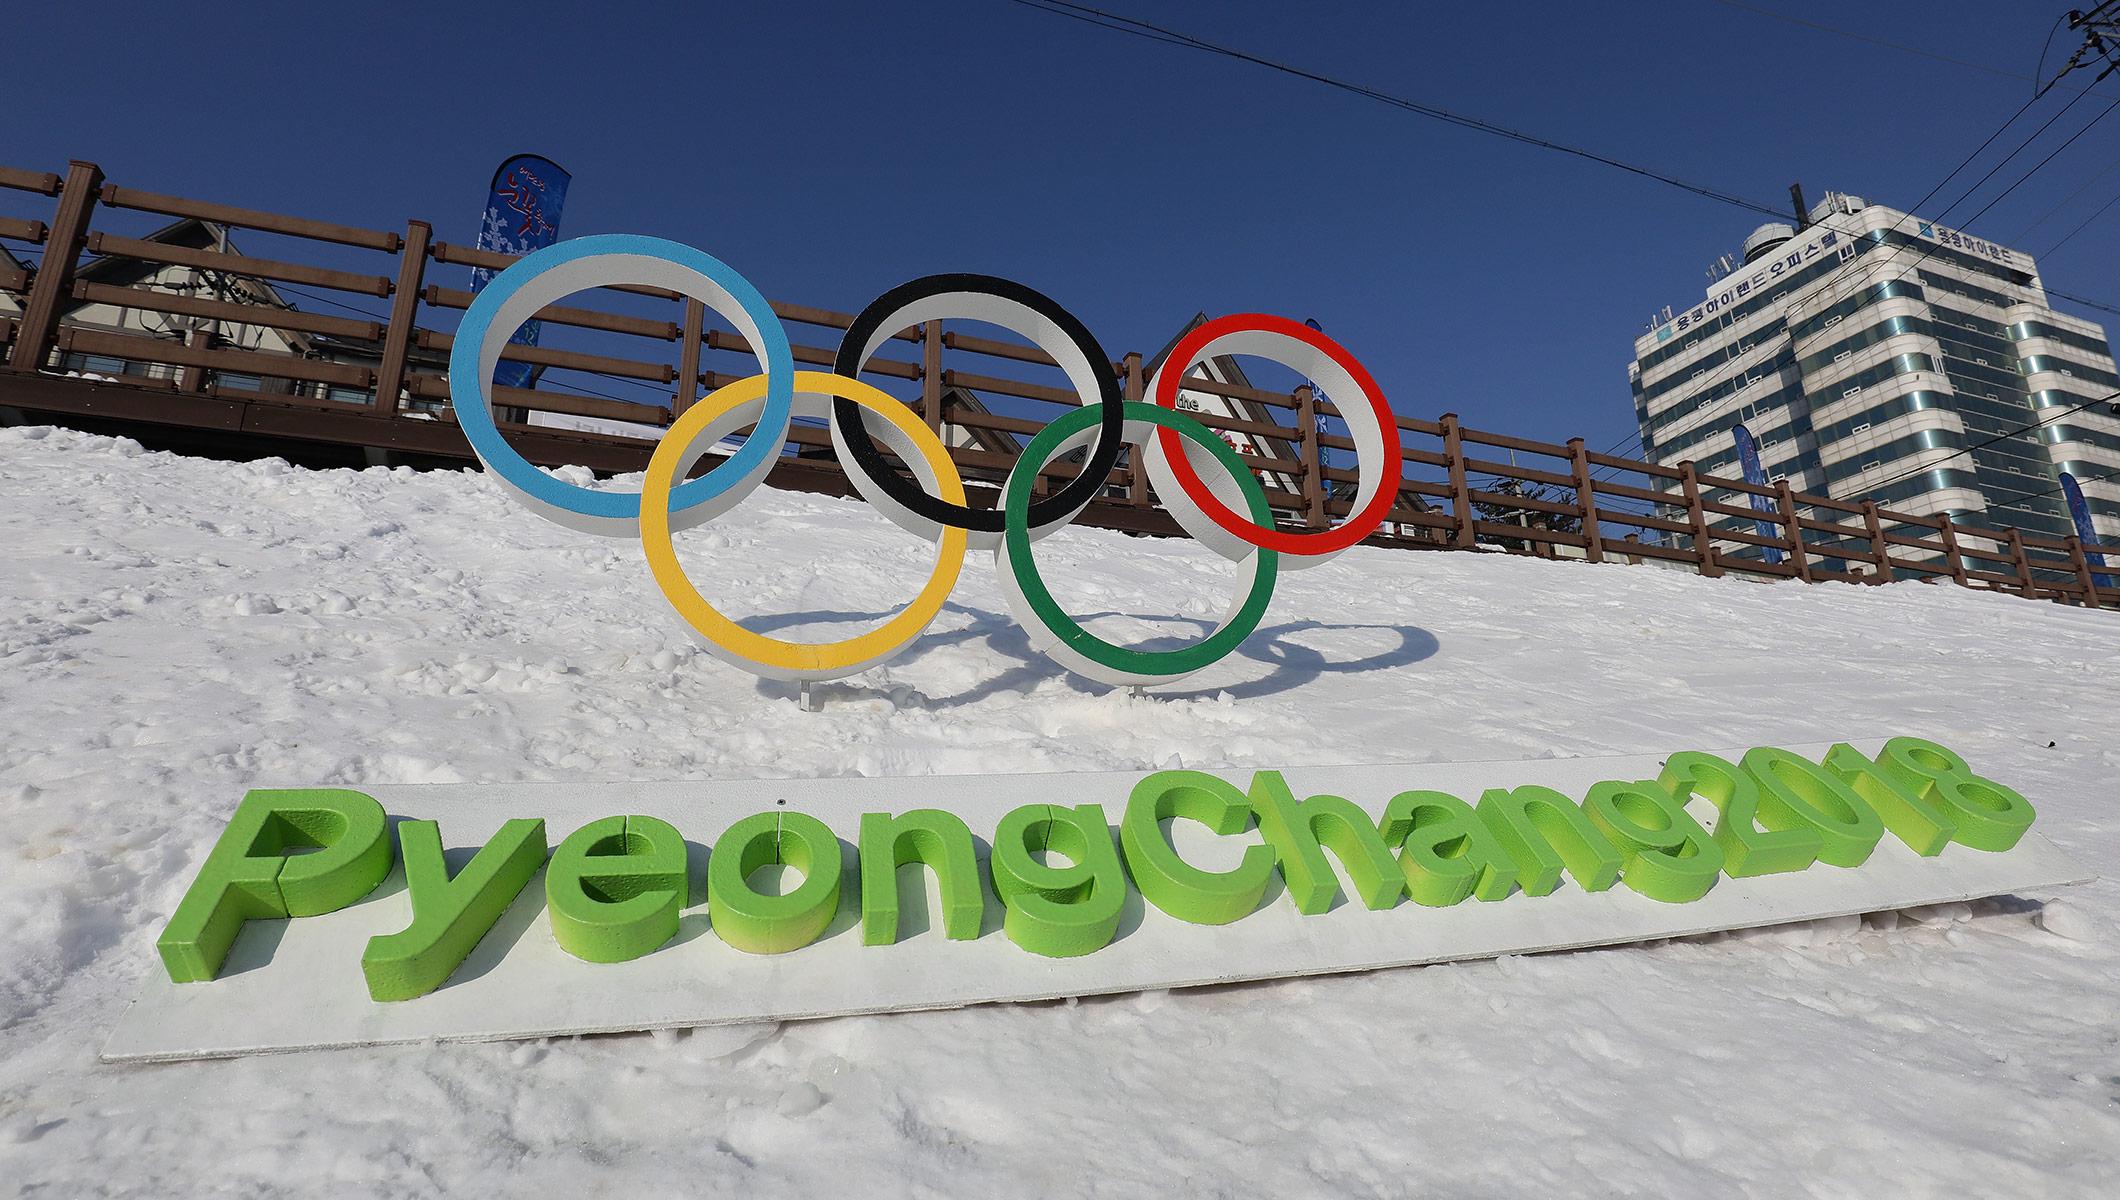 PyeongChang 2018, cele mai mari Jocuri Olimpice de iarnă din istorie